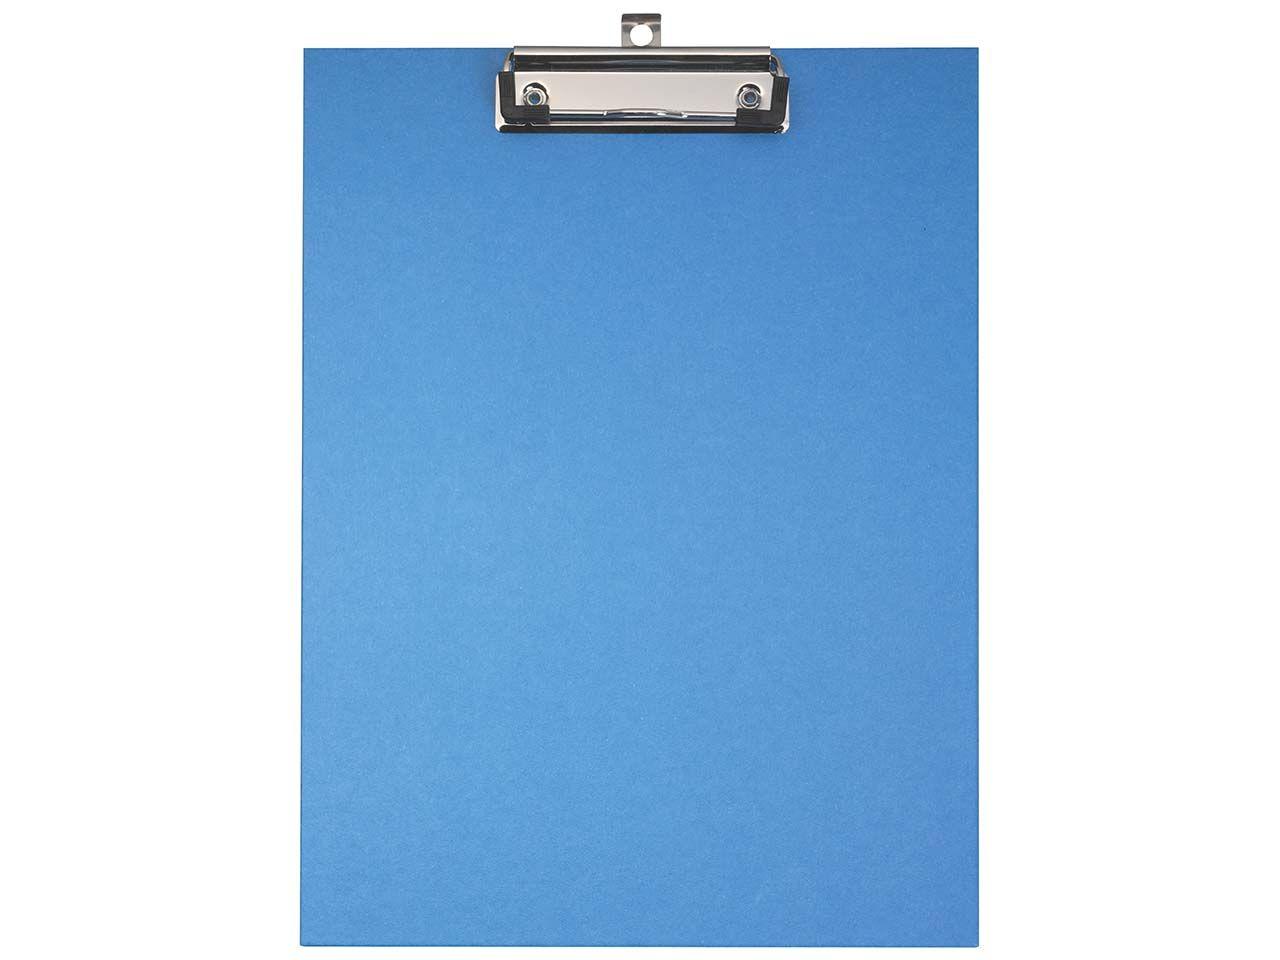 Falken Klemmbrett A4, Hartpappe mit Kraftpapierbezug, blau 11288354